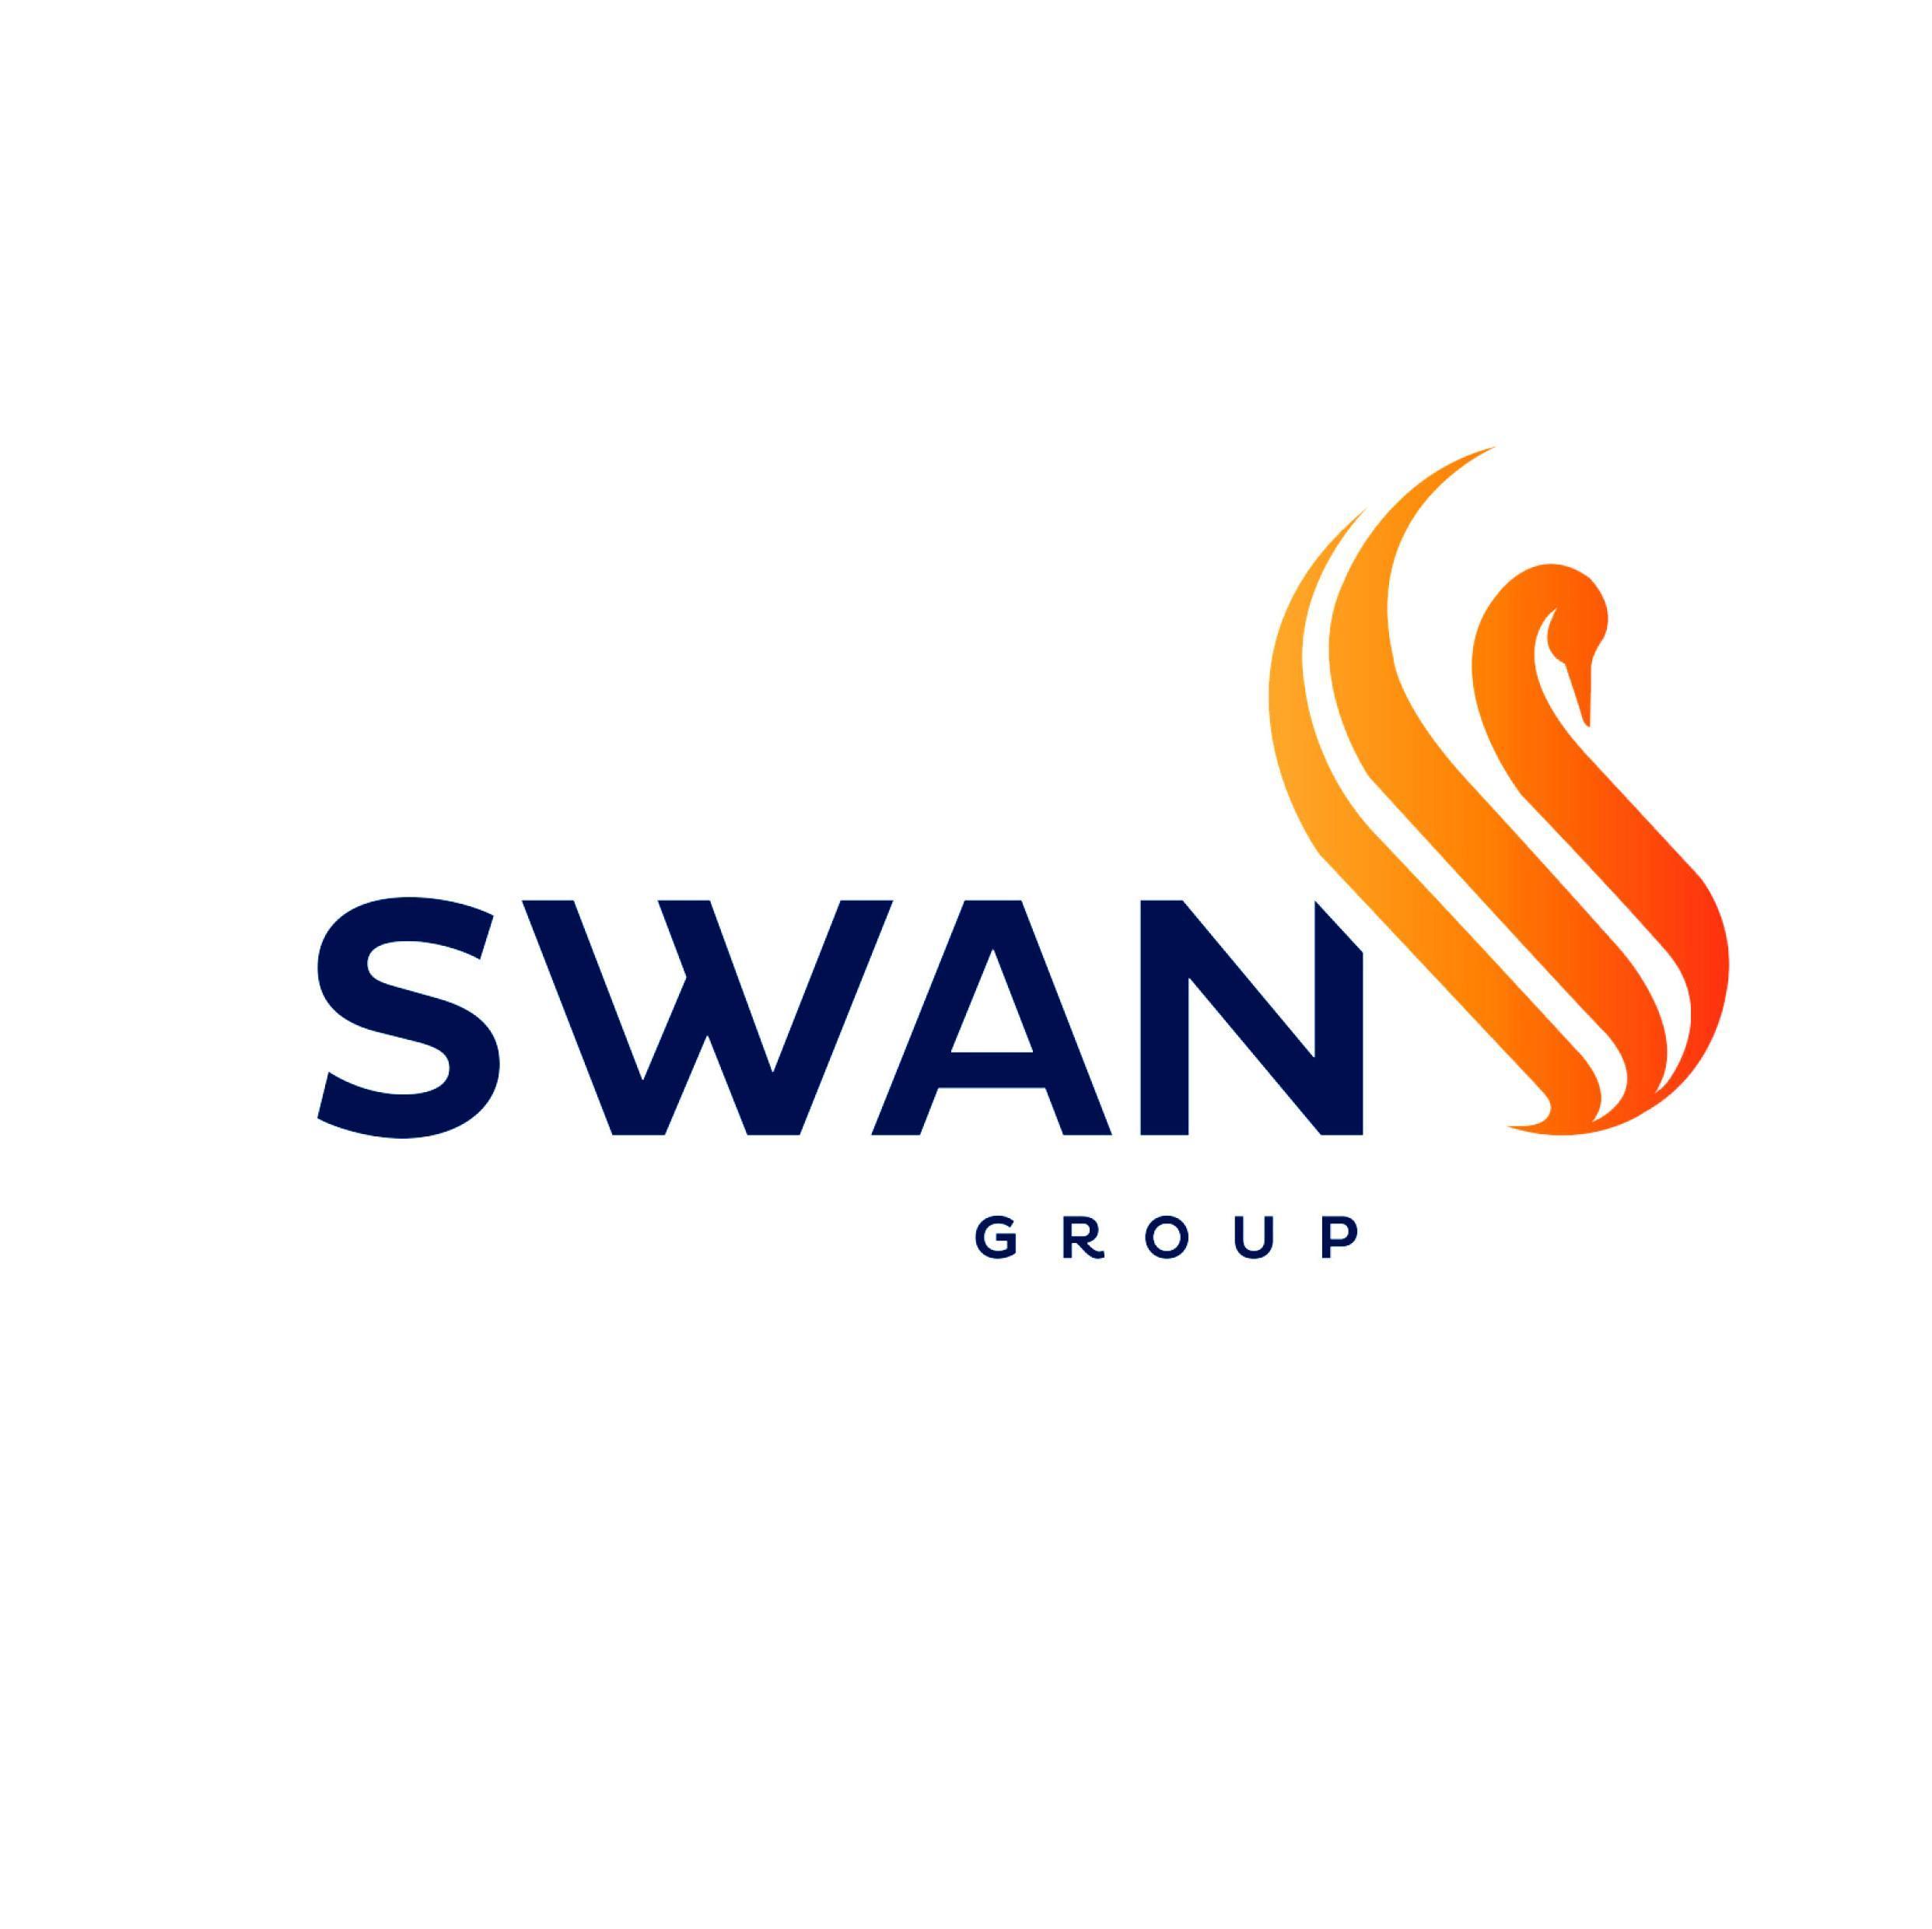 Swan Group Logo